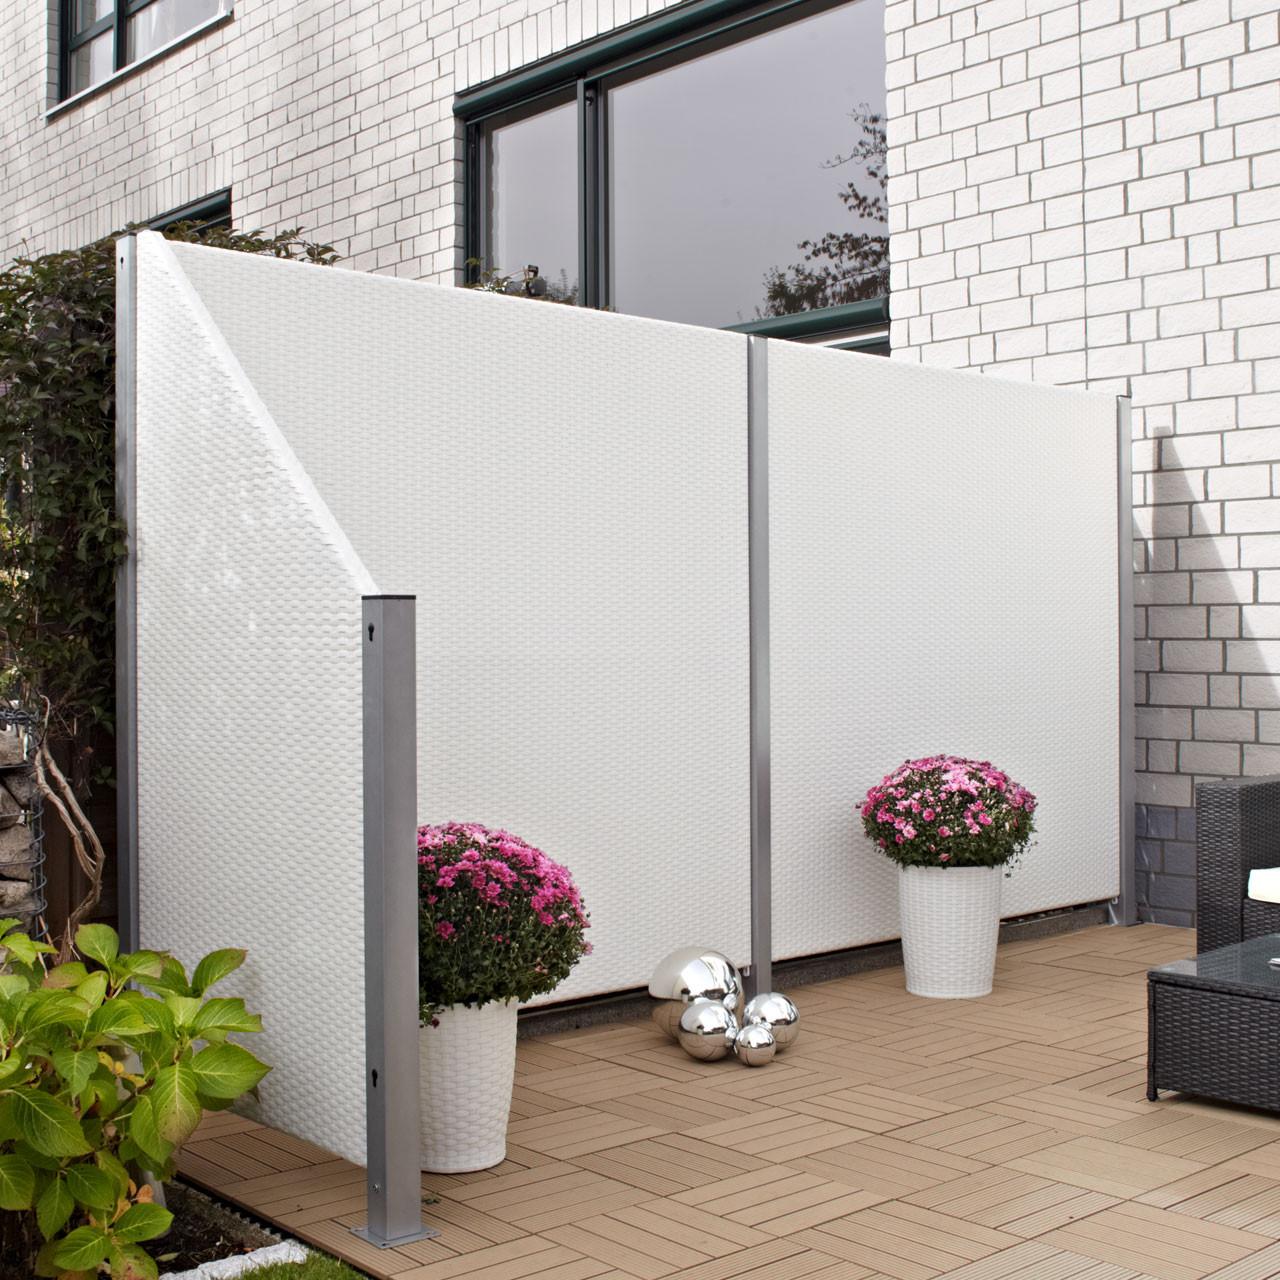 Sichtschutz Terrasse Kunststoff  Sichtschutzwand Kunststoff Geflecht weiß